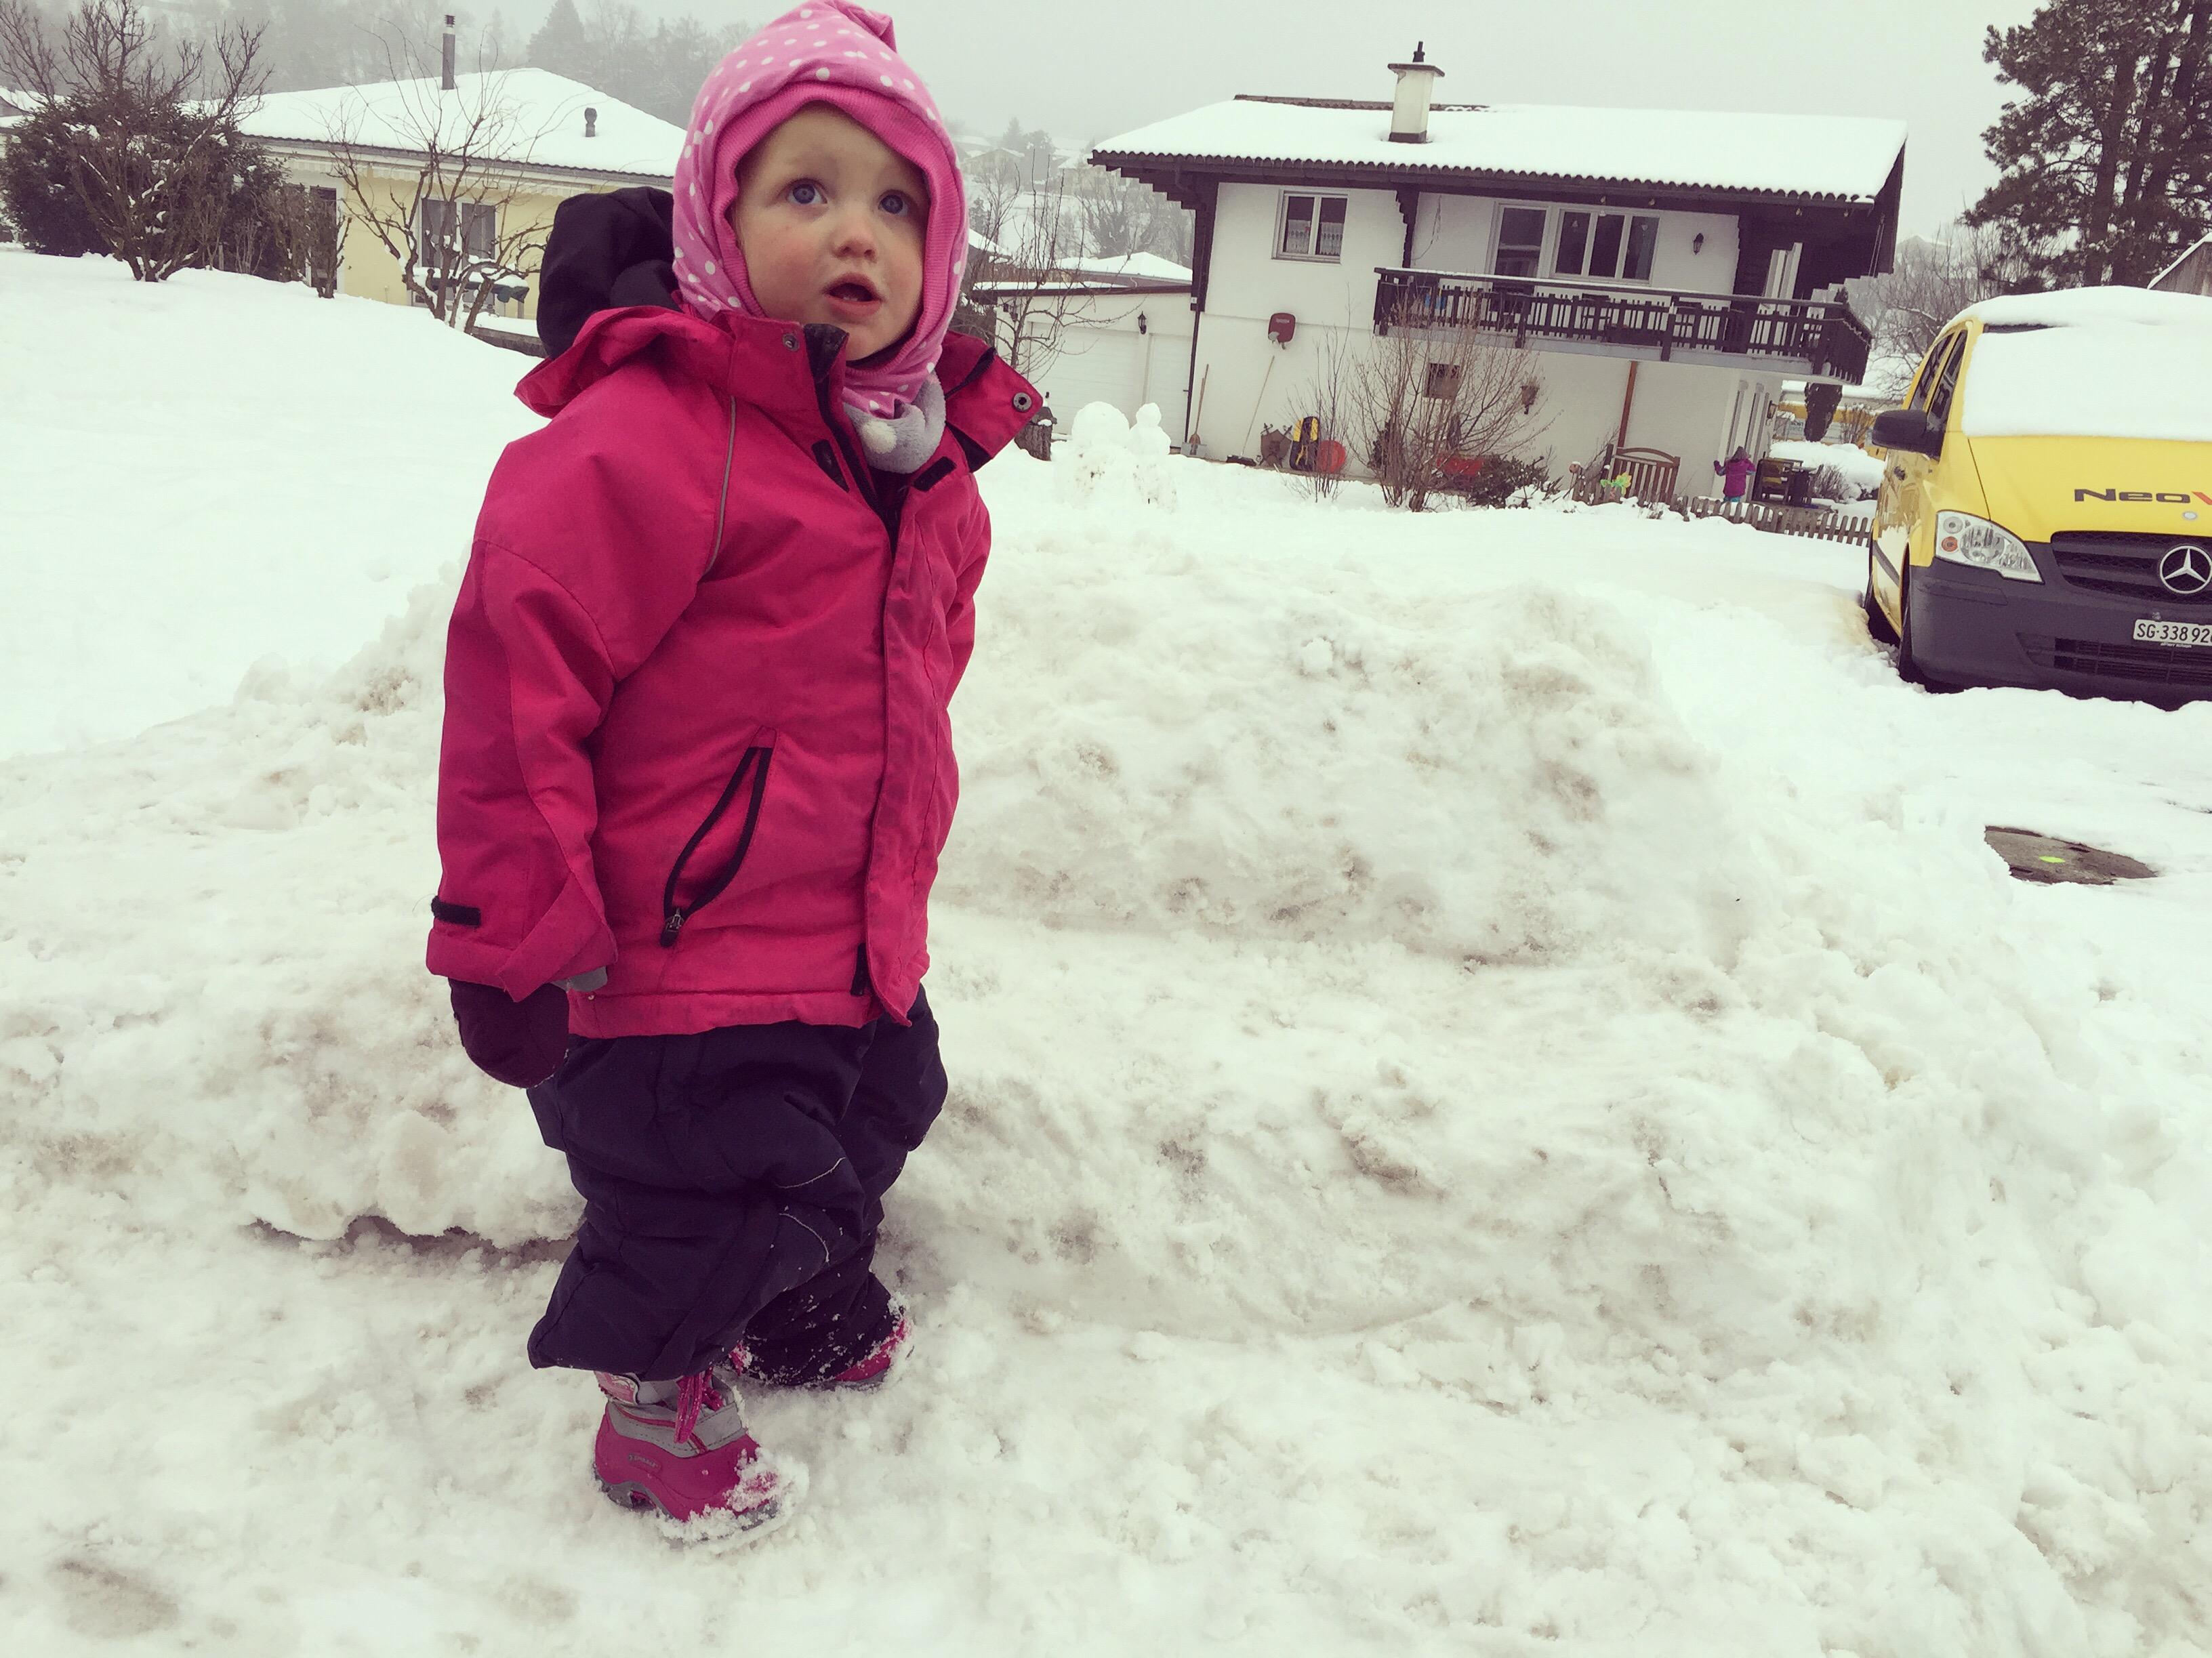 En toen moesten we aan de bak... Sneeuwschuiven!